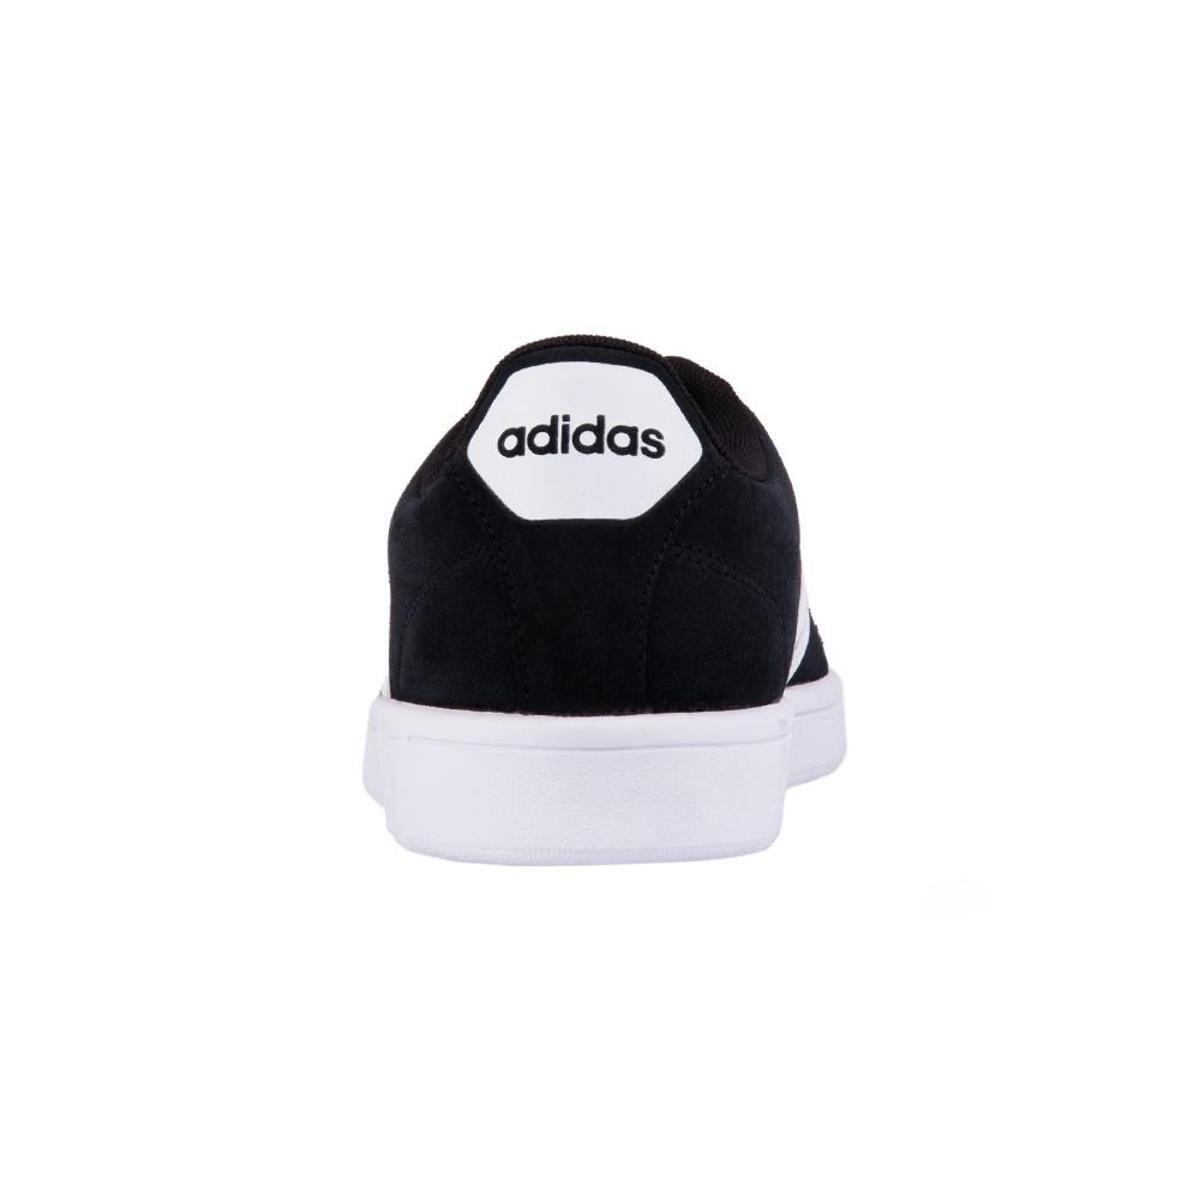 0f7b650a2c Tênis Adidas Cf Advantage Masculino - Preto e Branco - Compre Agora ...